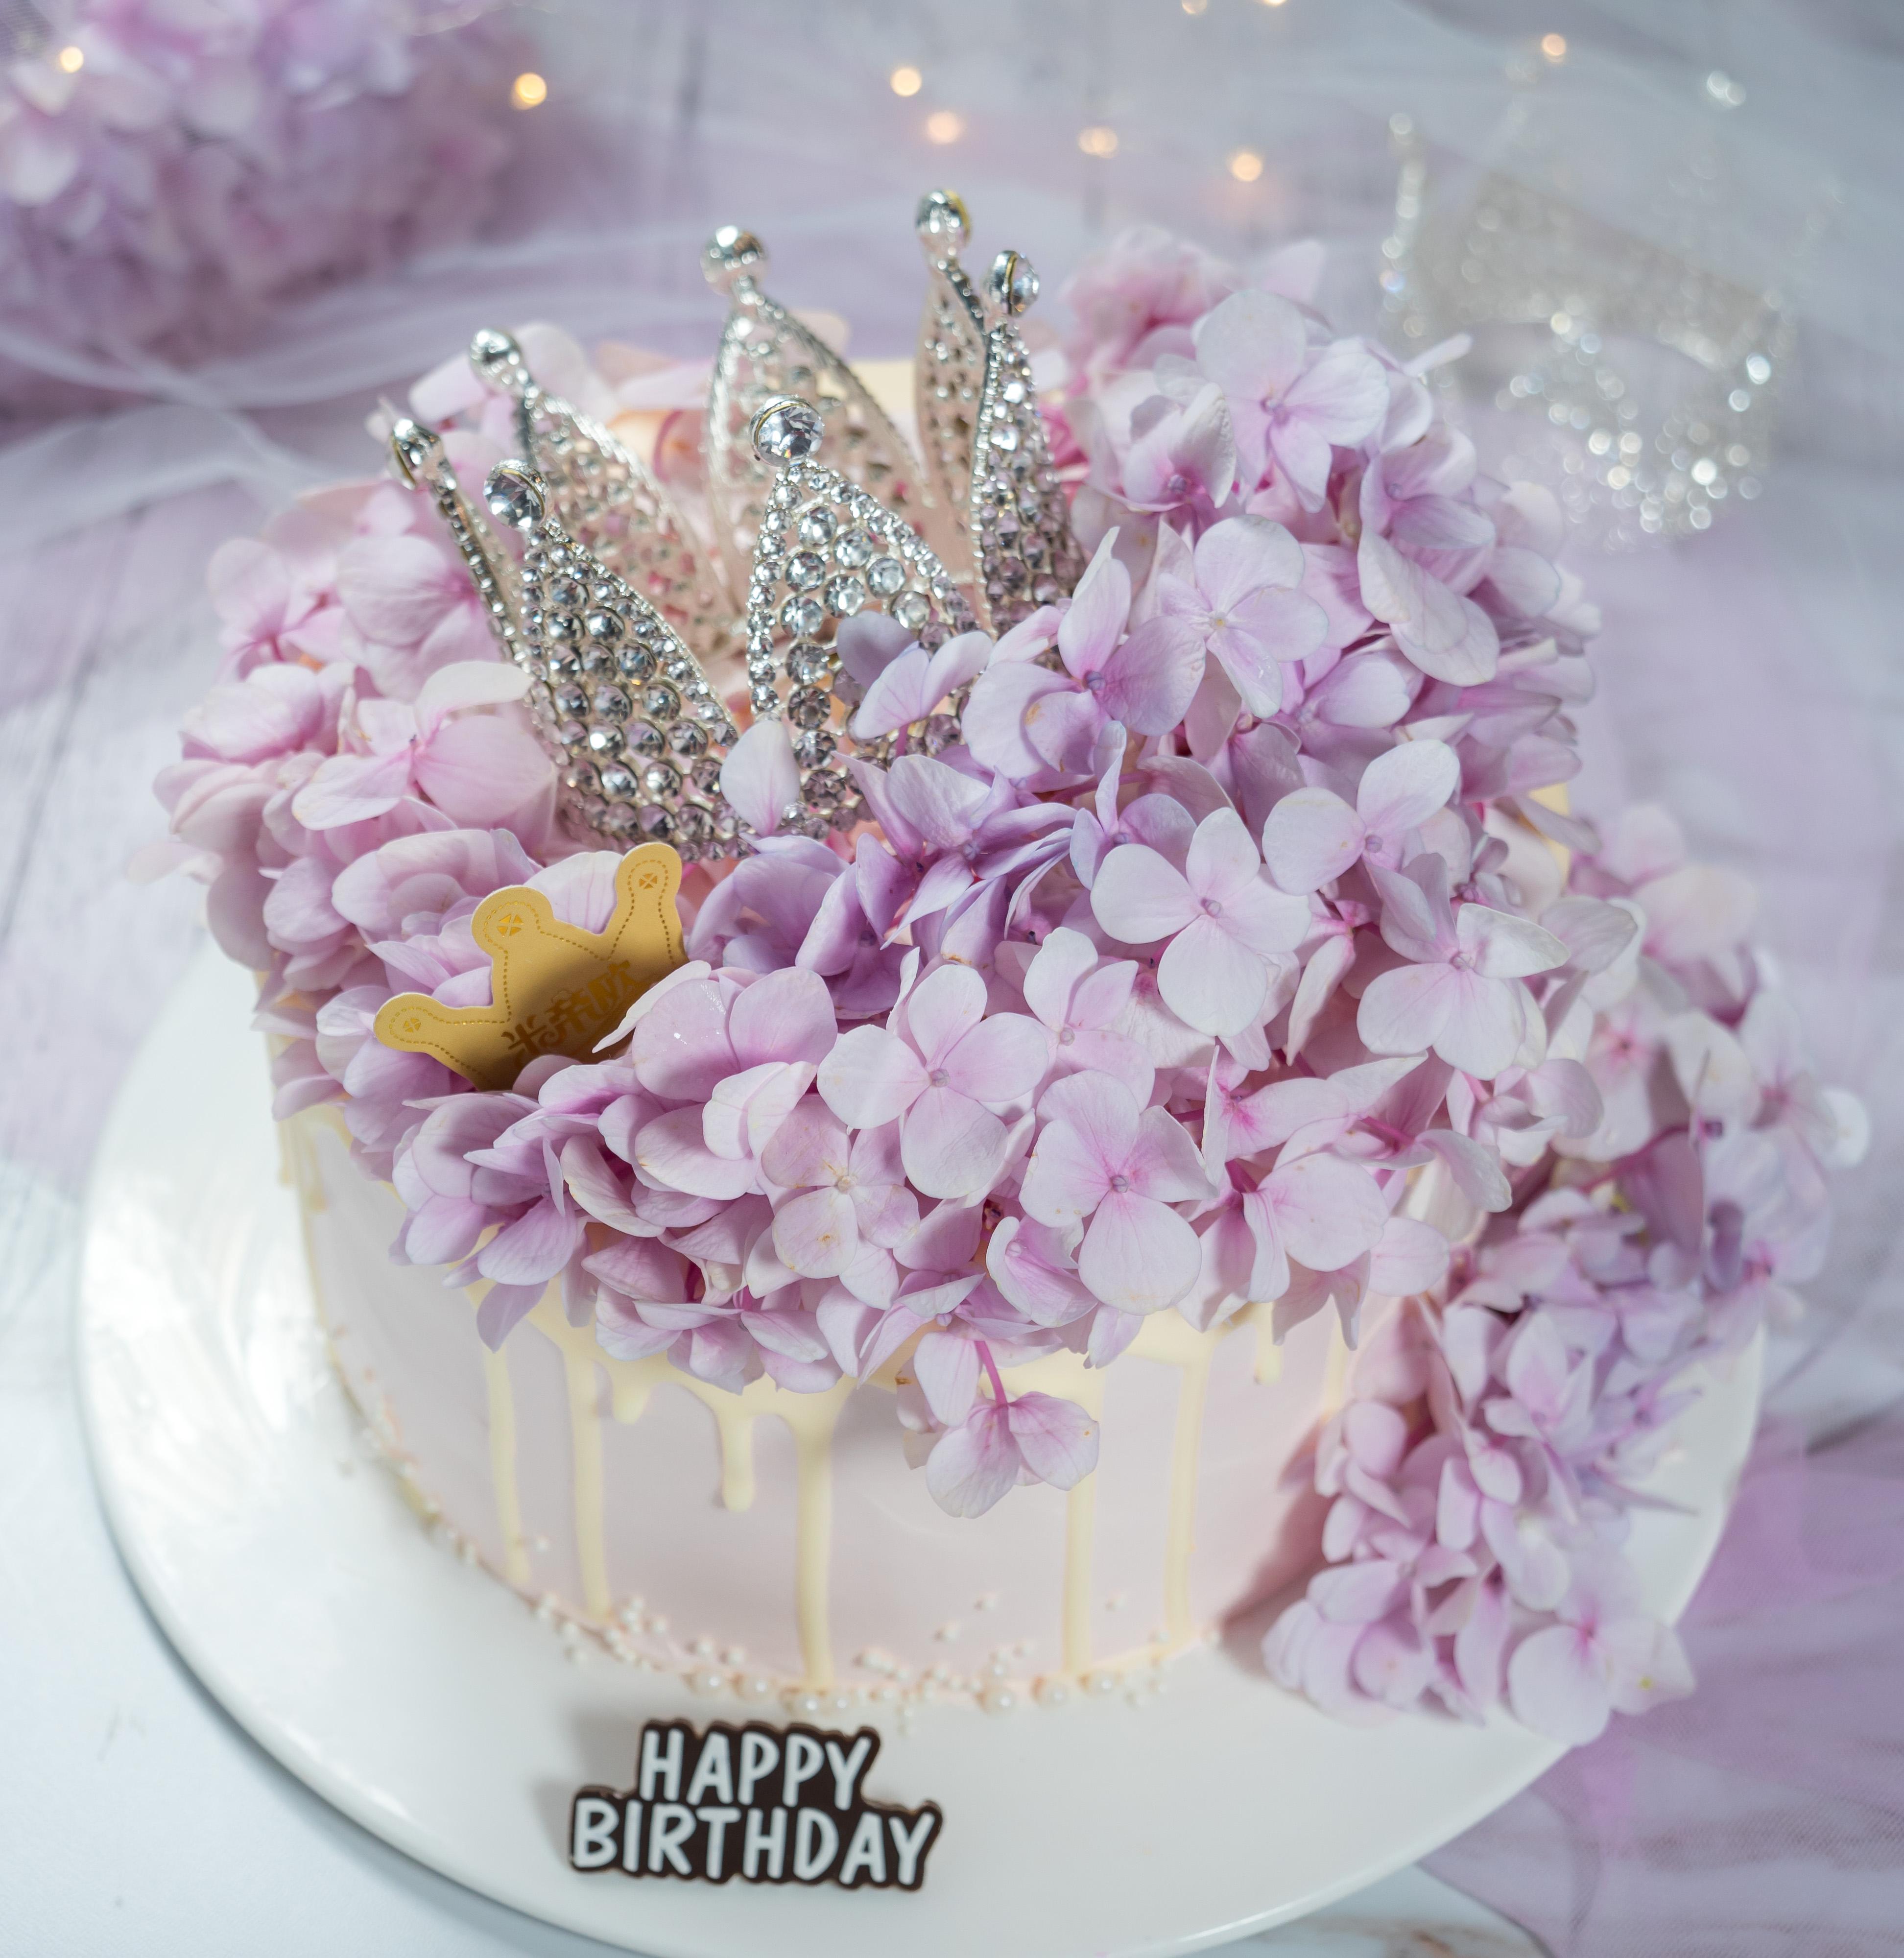 生日蛋糕鲜花北京_特价 包邮_鲜花洗白发海娜花,千妃